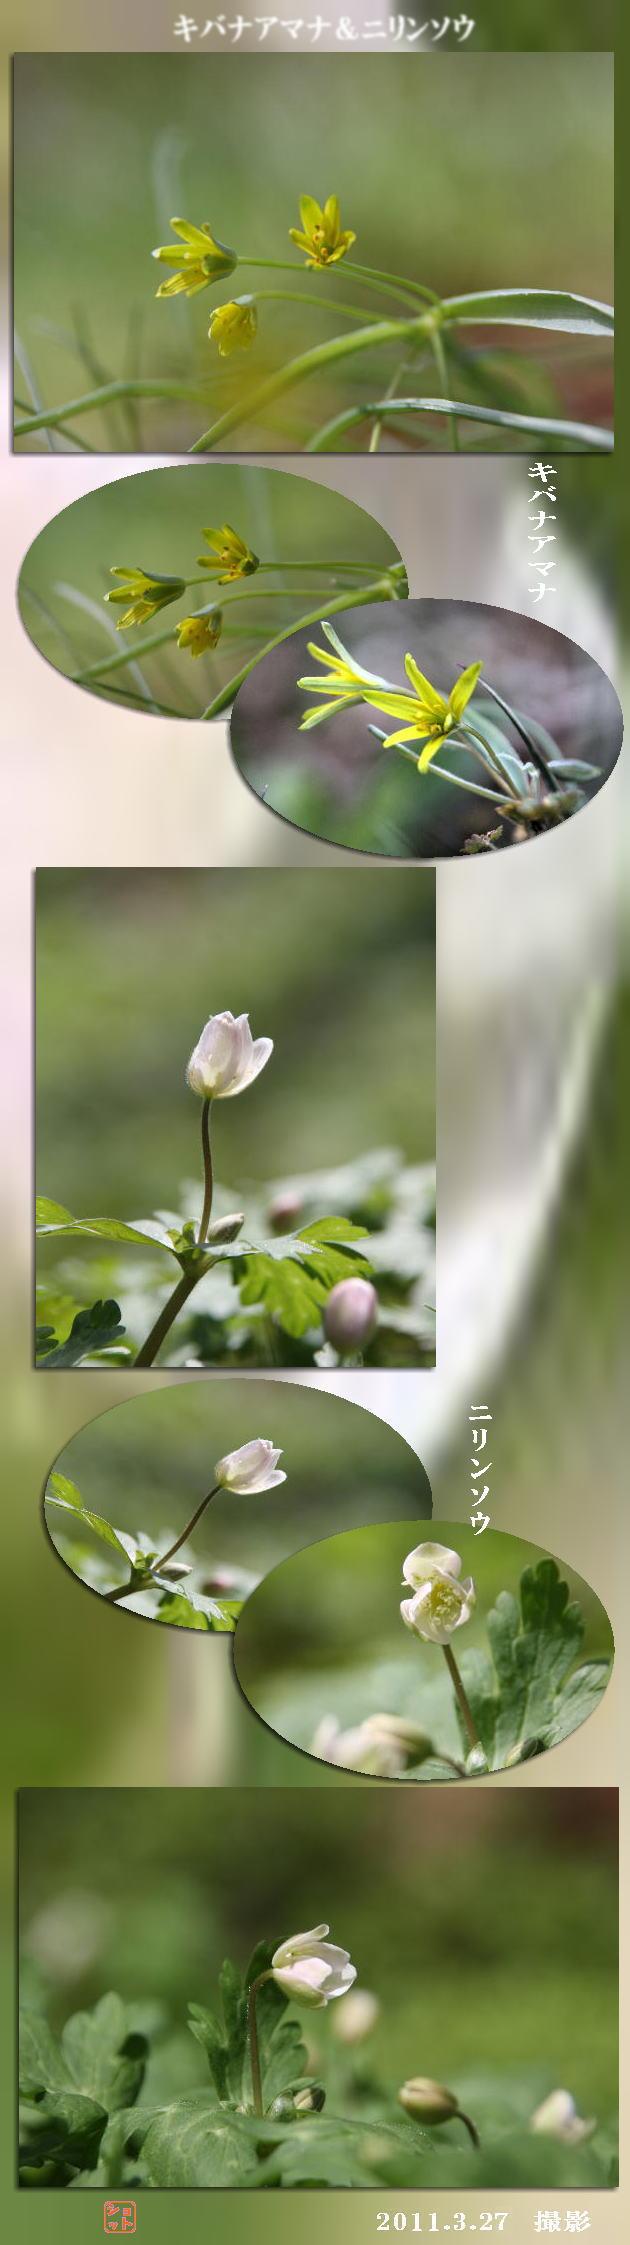 f0164592_1924797.jpg